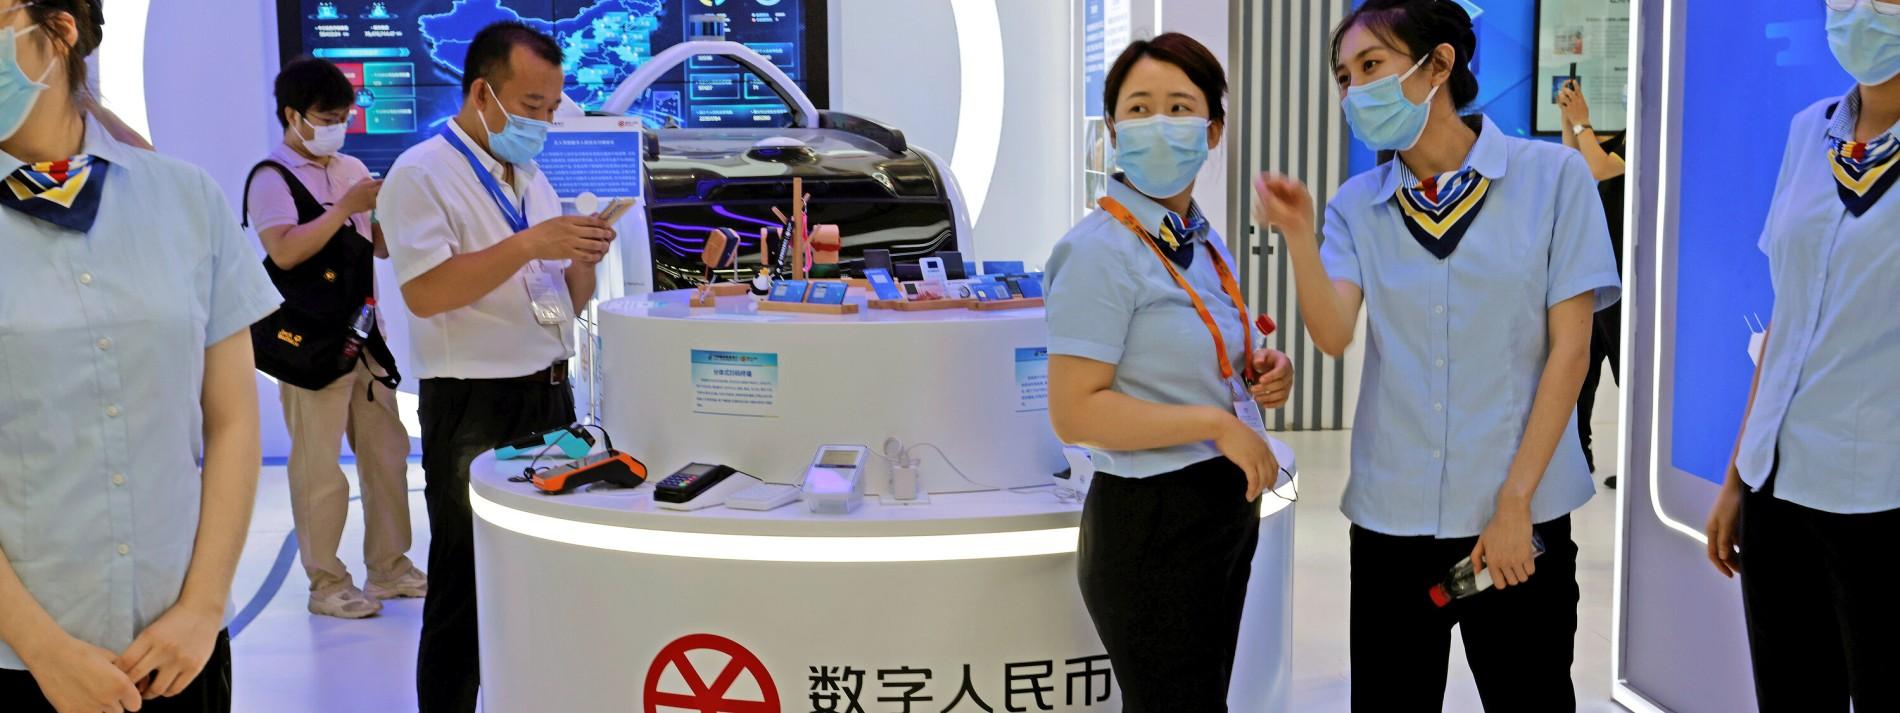 Deutschland will von China lernen